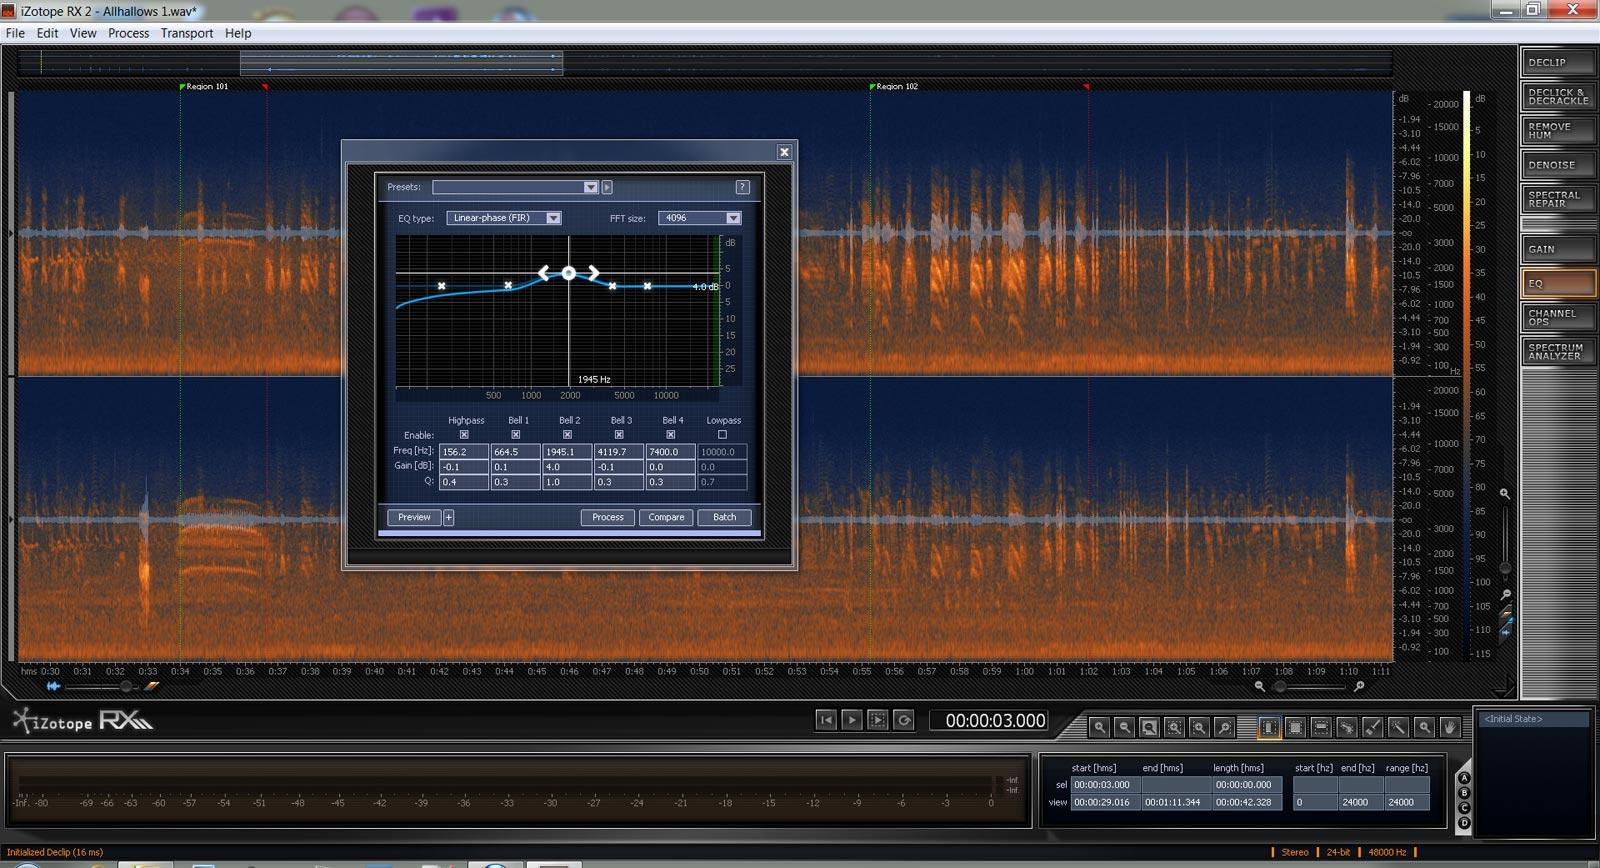 Izotope RX2 screenshot